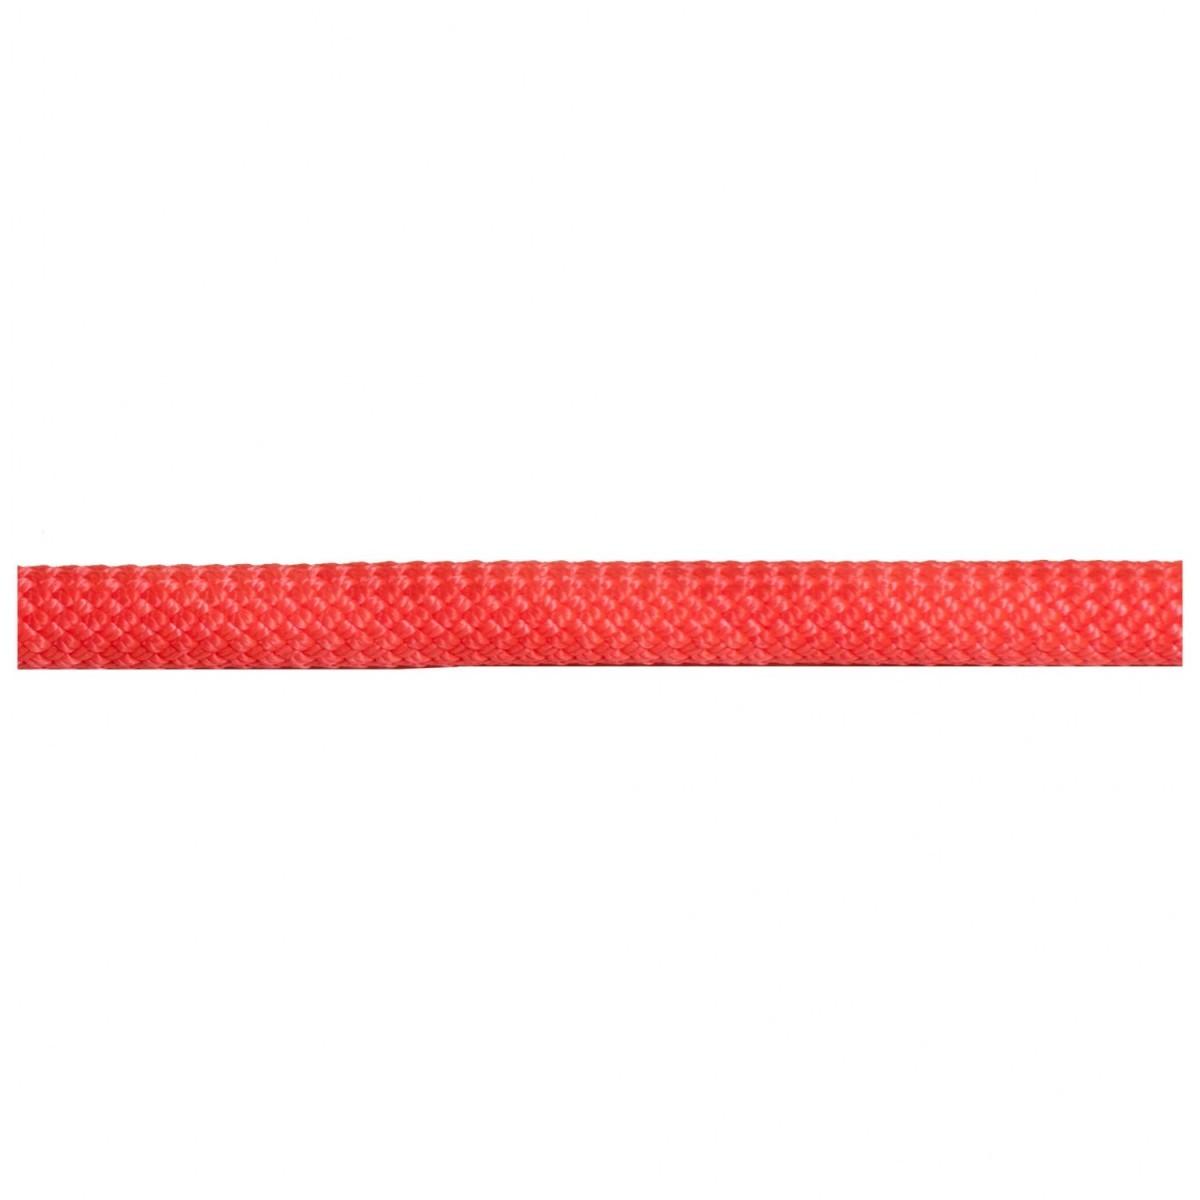 BEAL べアール Joker 9.1 mm (70m - Orange)★ロープ・ザイル・登山・クライミング★